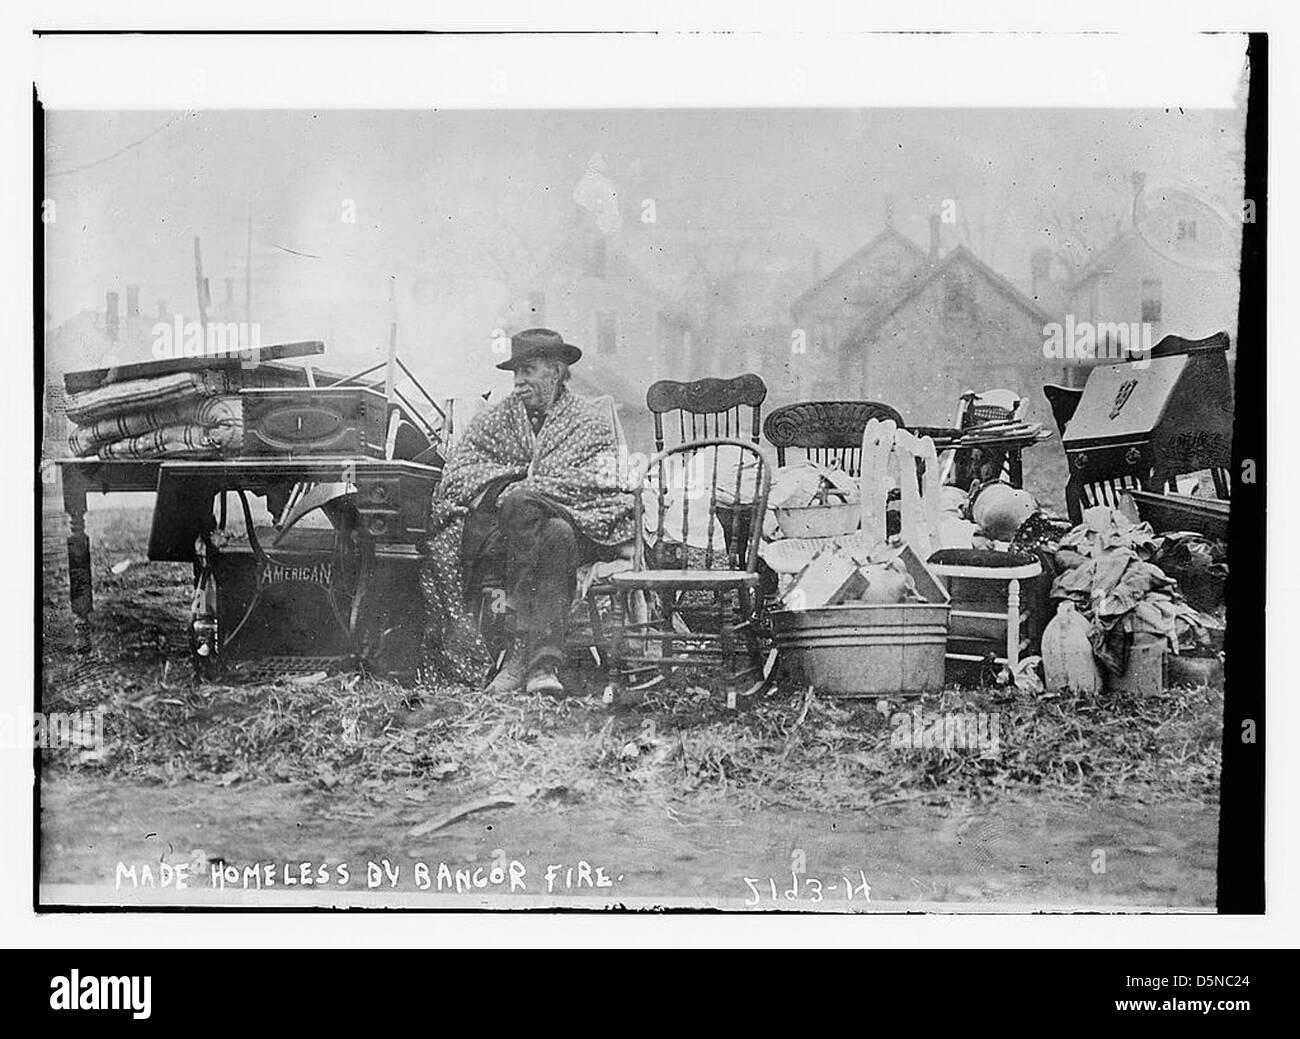 Senzatetto da Bangor fire (LOC) Immagini Stock